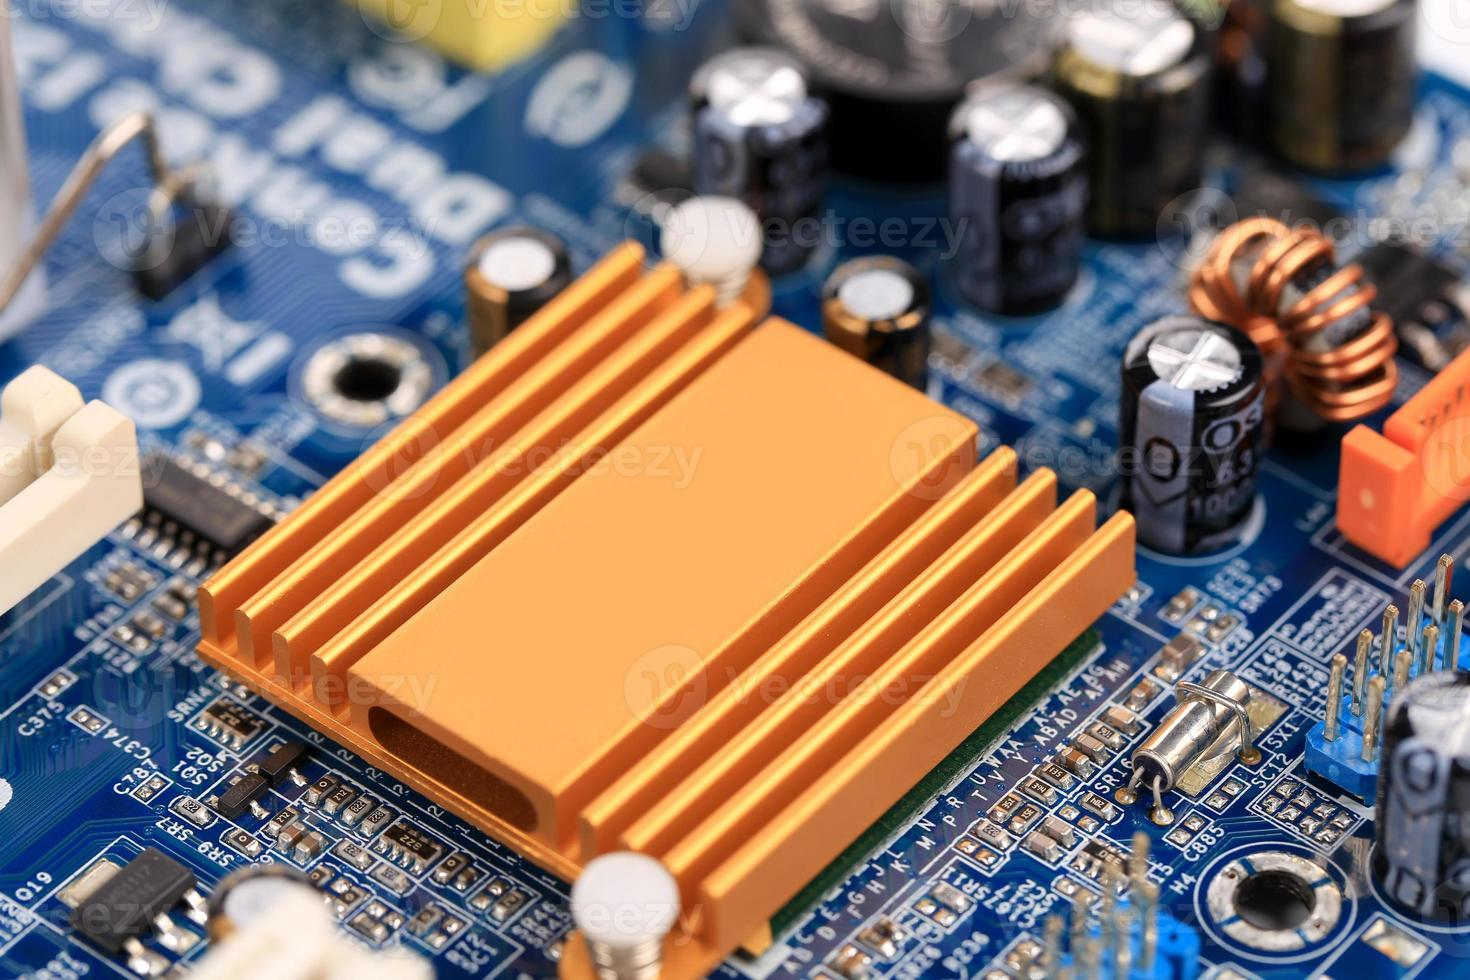 placa eletrônica close-up. foto